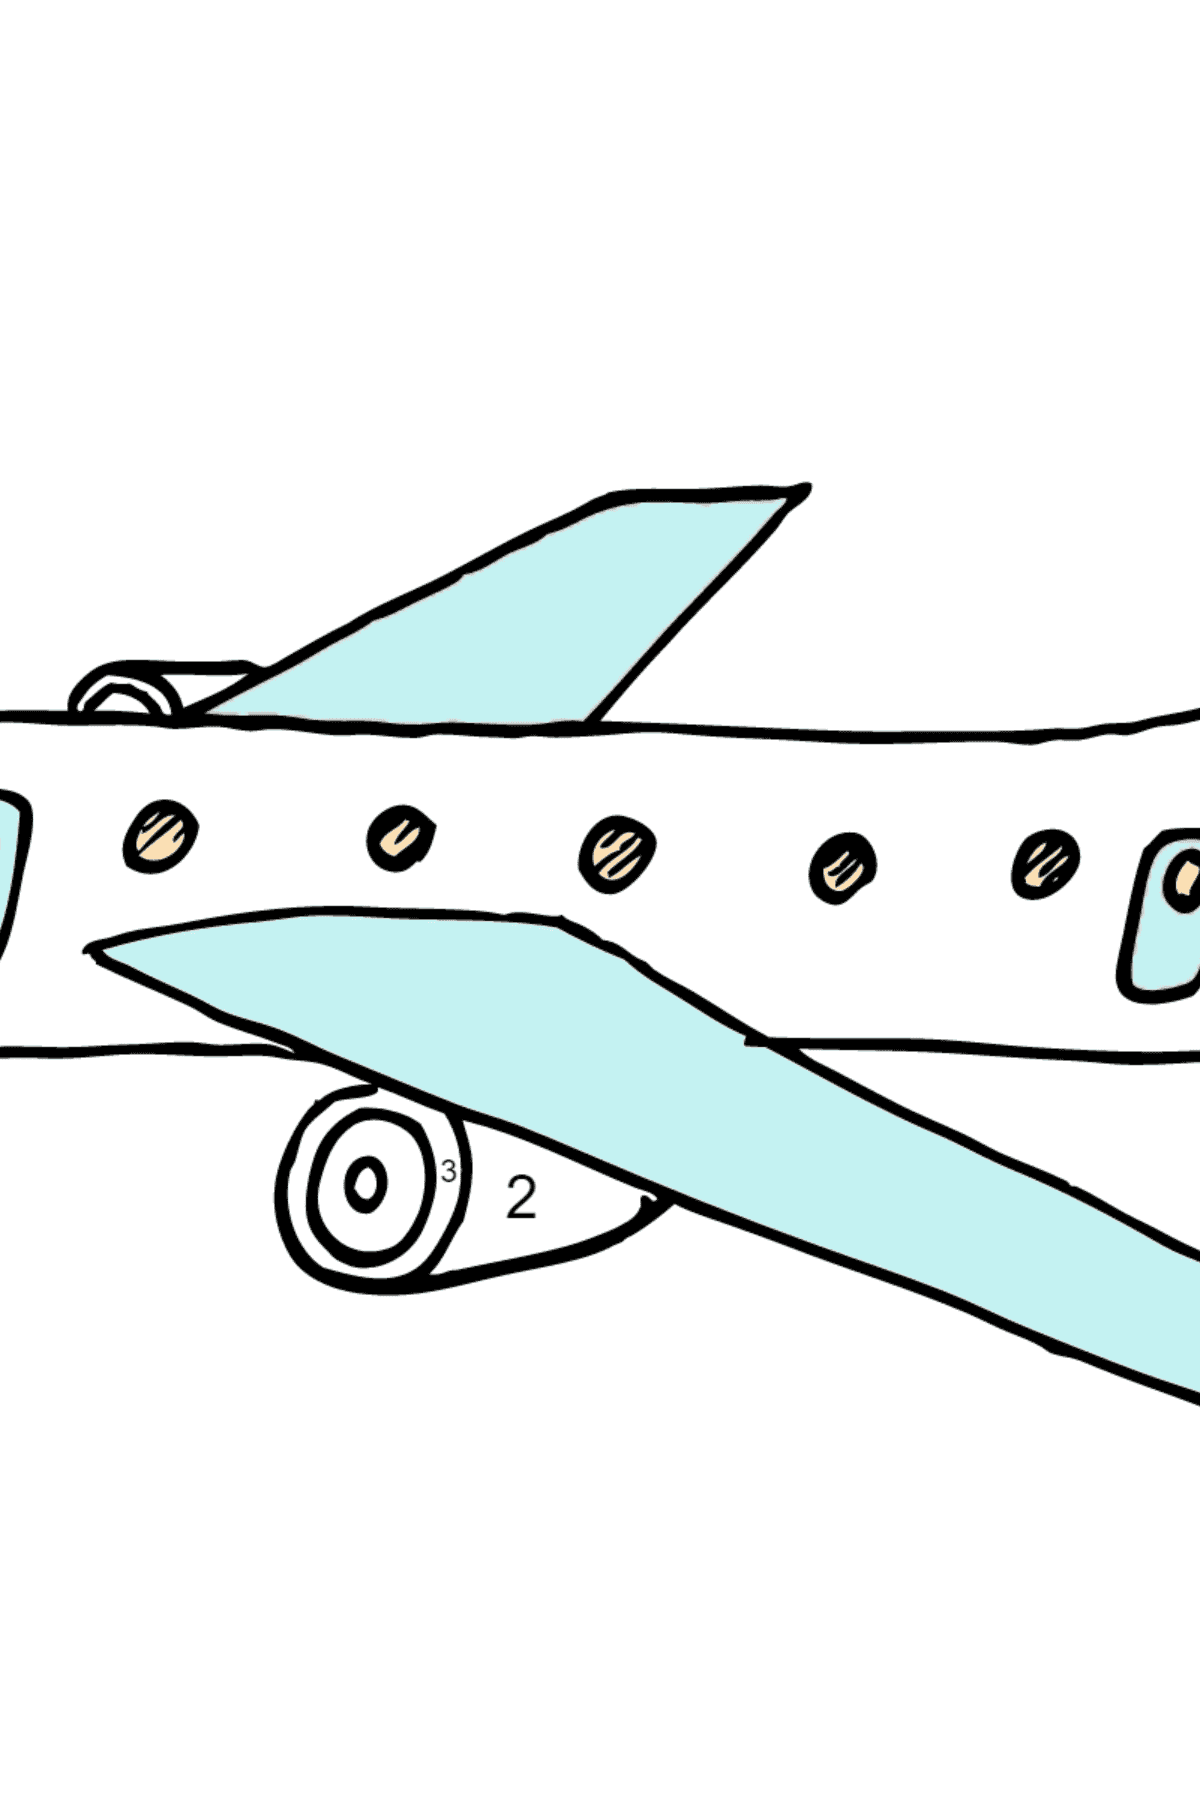 Раскраска пассажирский самолет - Раскраска по Номерам для Детей